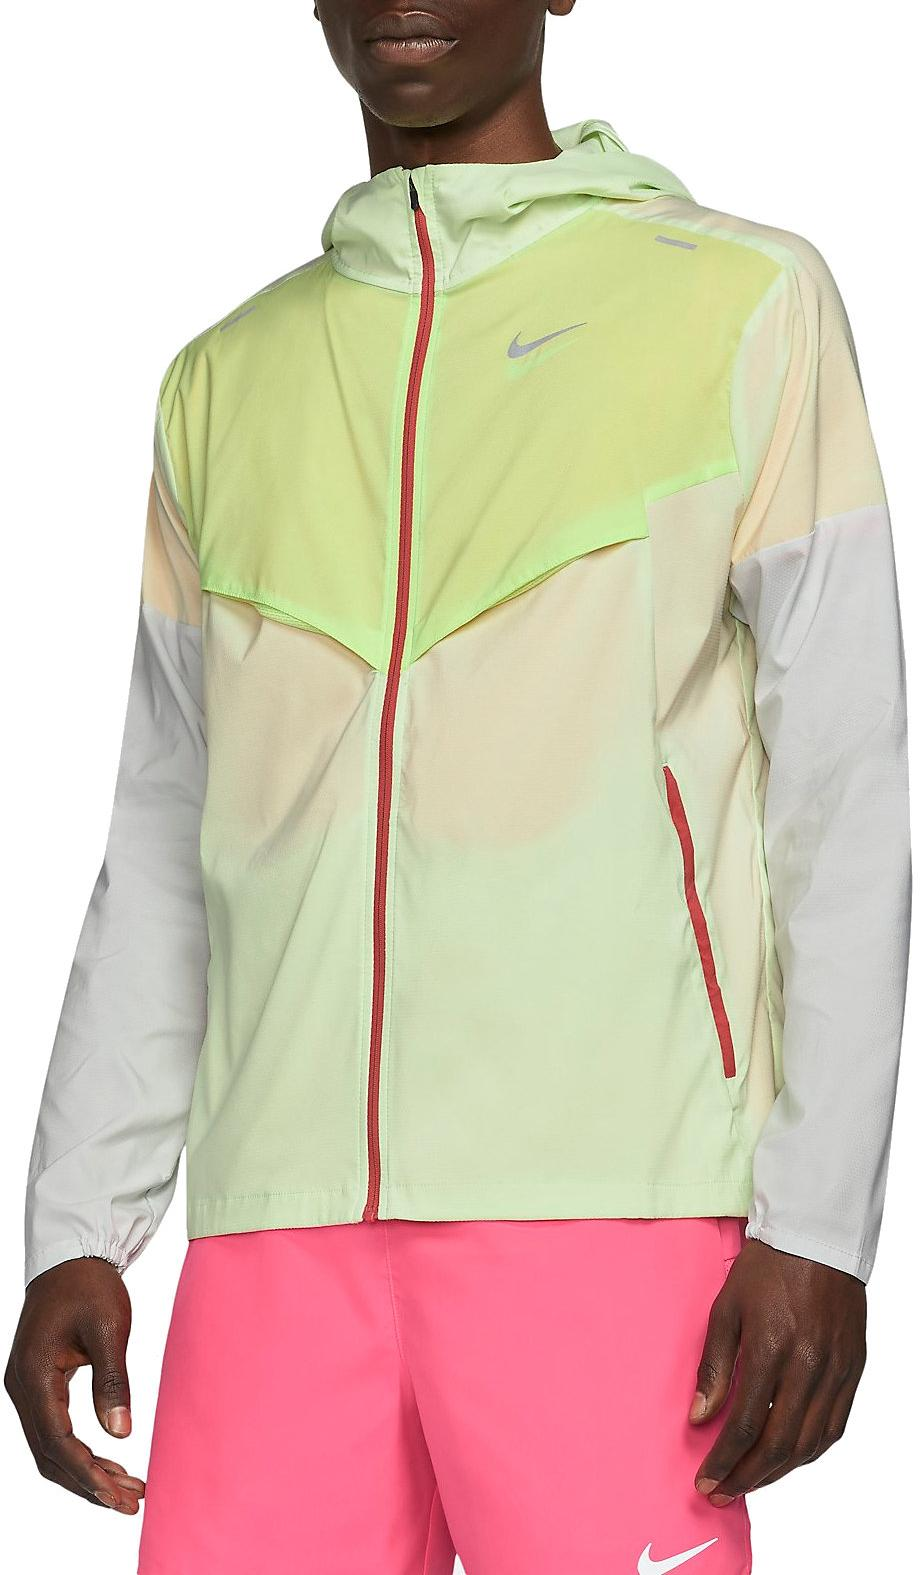 Bunda s kapucí Nike Windrunner Men s Running Jacket